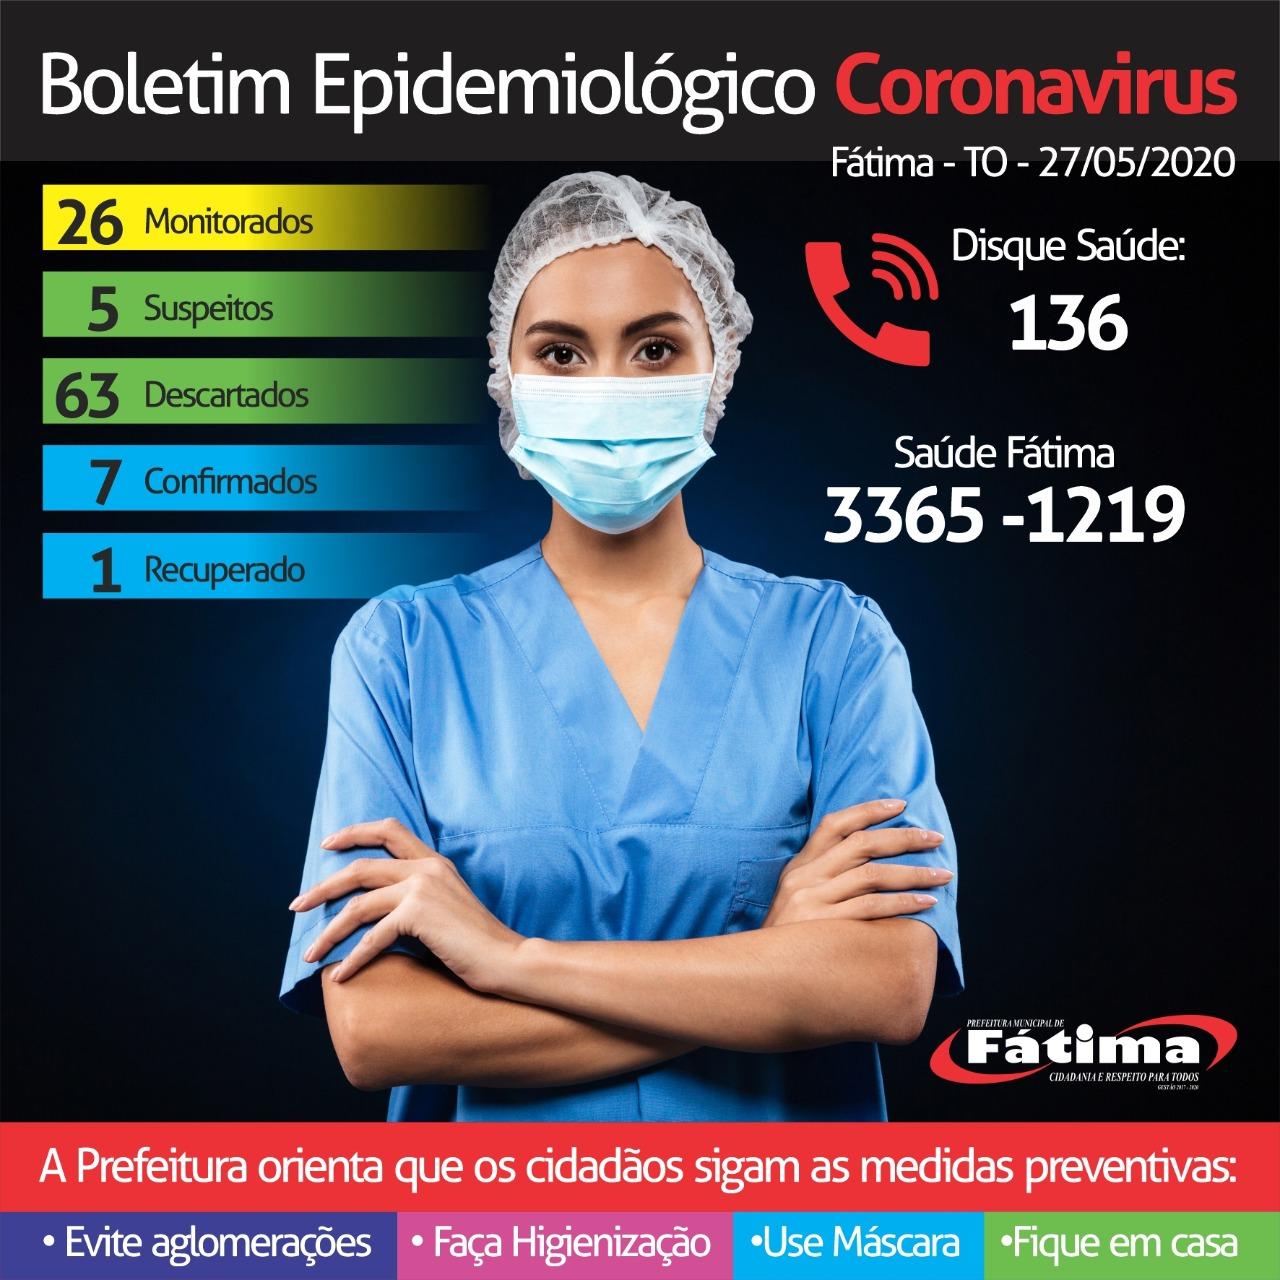 Boletim epidemiológico de Fátima registra dois novos casos de Covid-19 na cidade